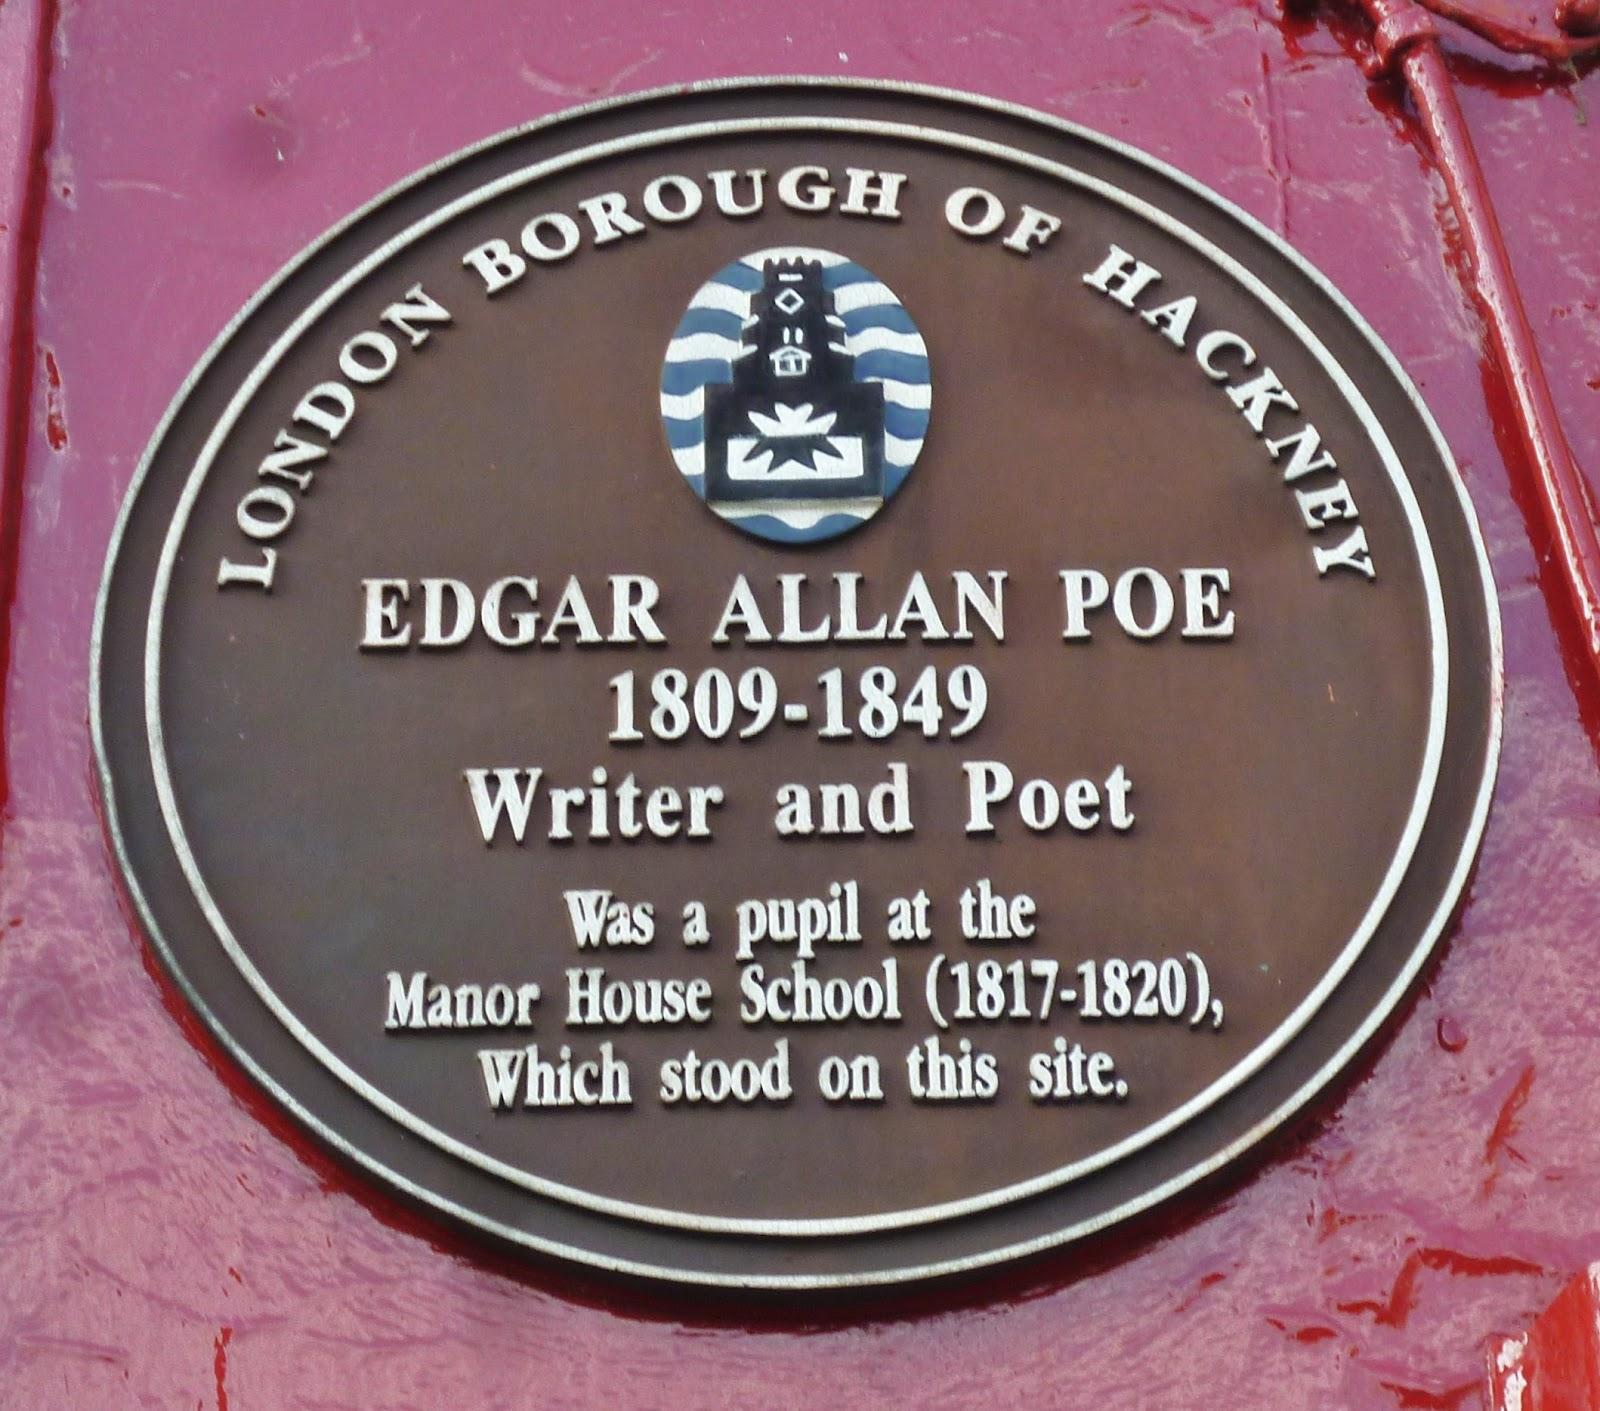 Επιγραφή αφιερωμένη στον Edgar Allan Poe στο σημείο όπου βρισκόταν το Manor House School.